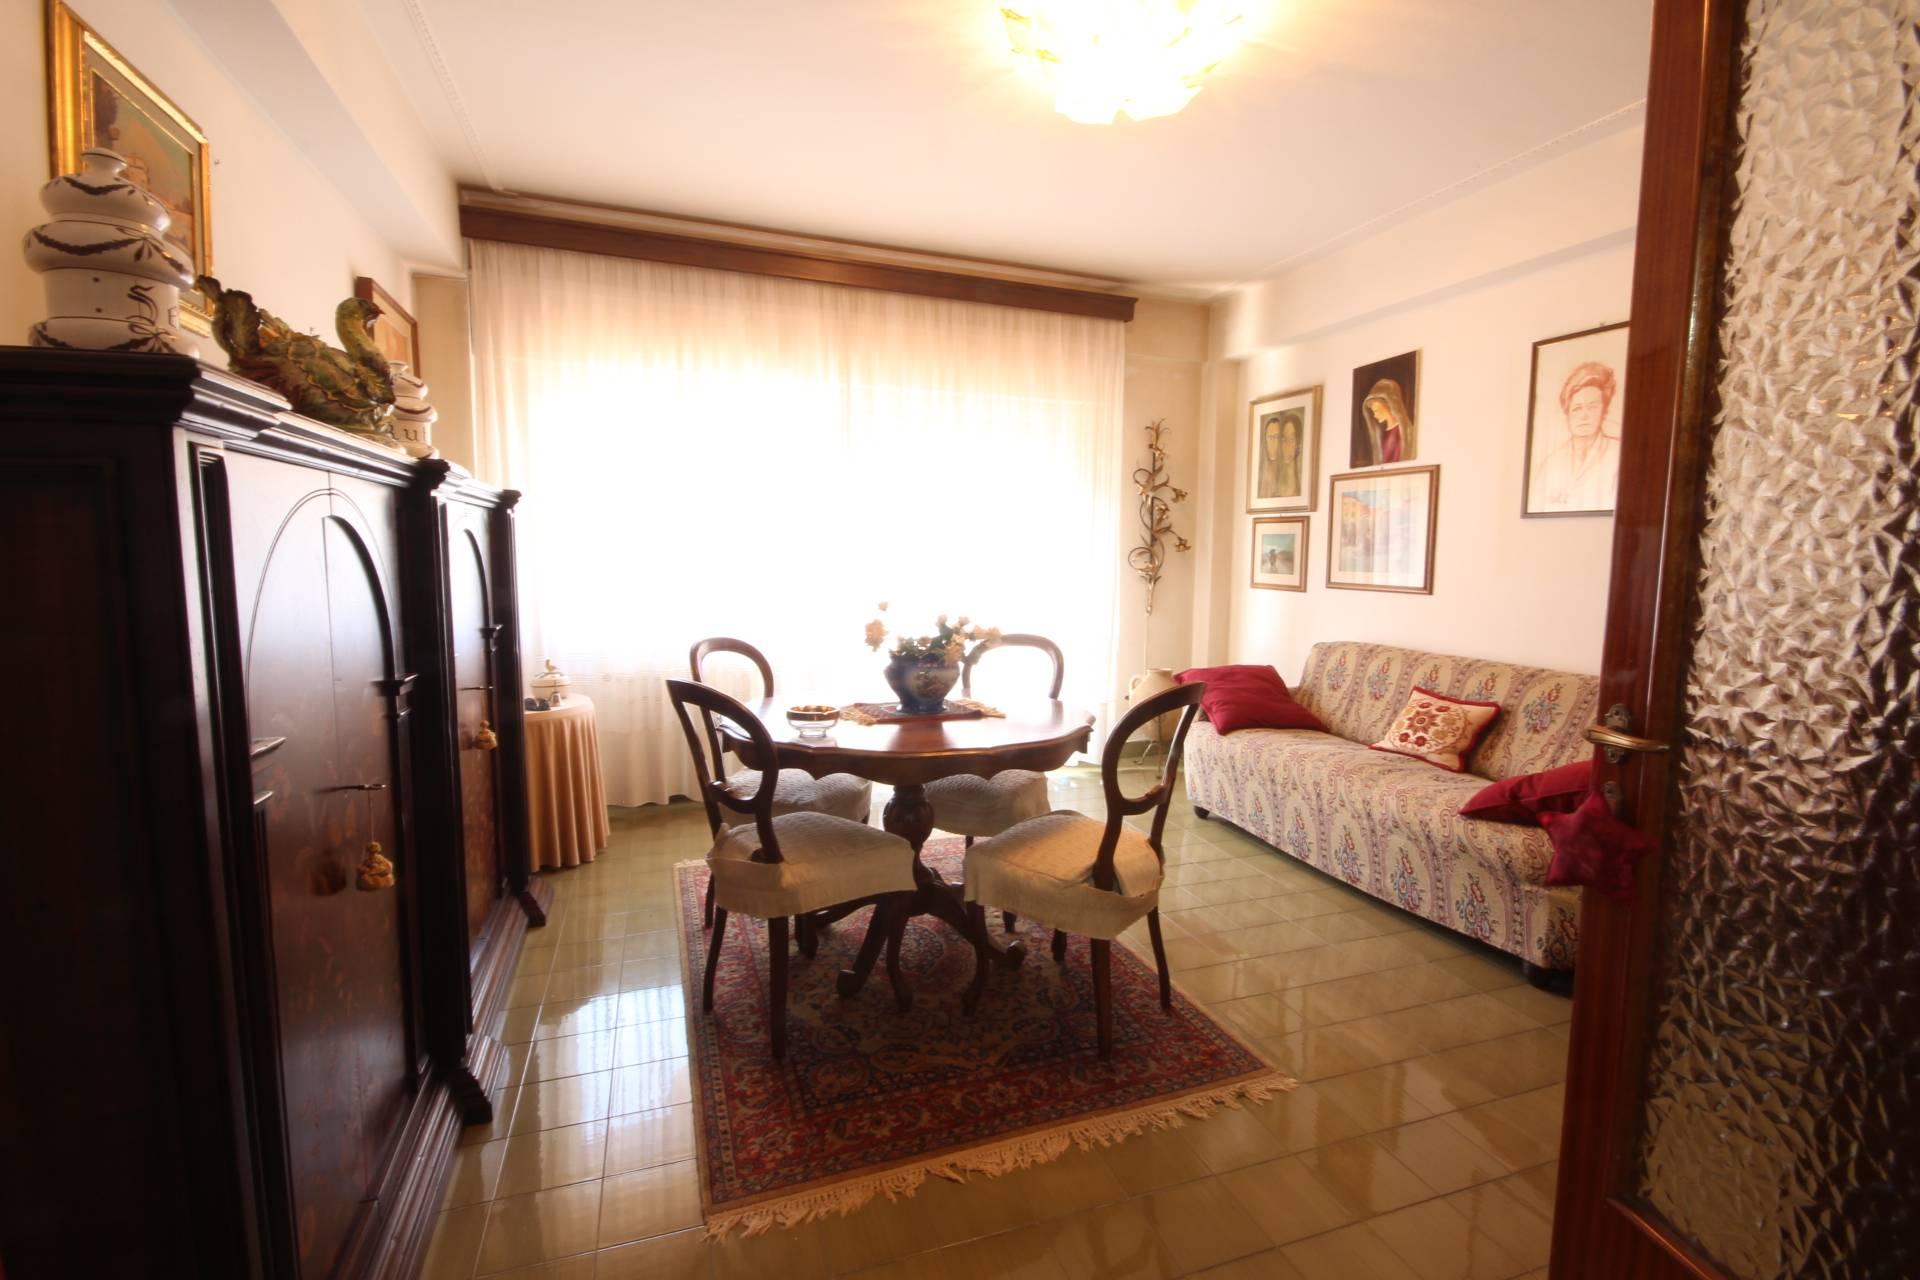 Appartamento in vendita a Orbetello, 5 locali, zona Località: Centrostorico, prezzo € 260.000   Cambio Casa.it